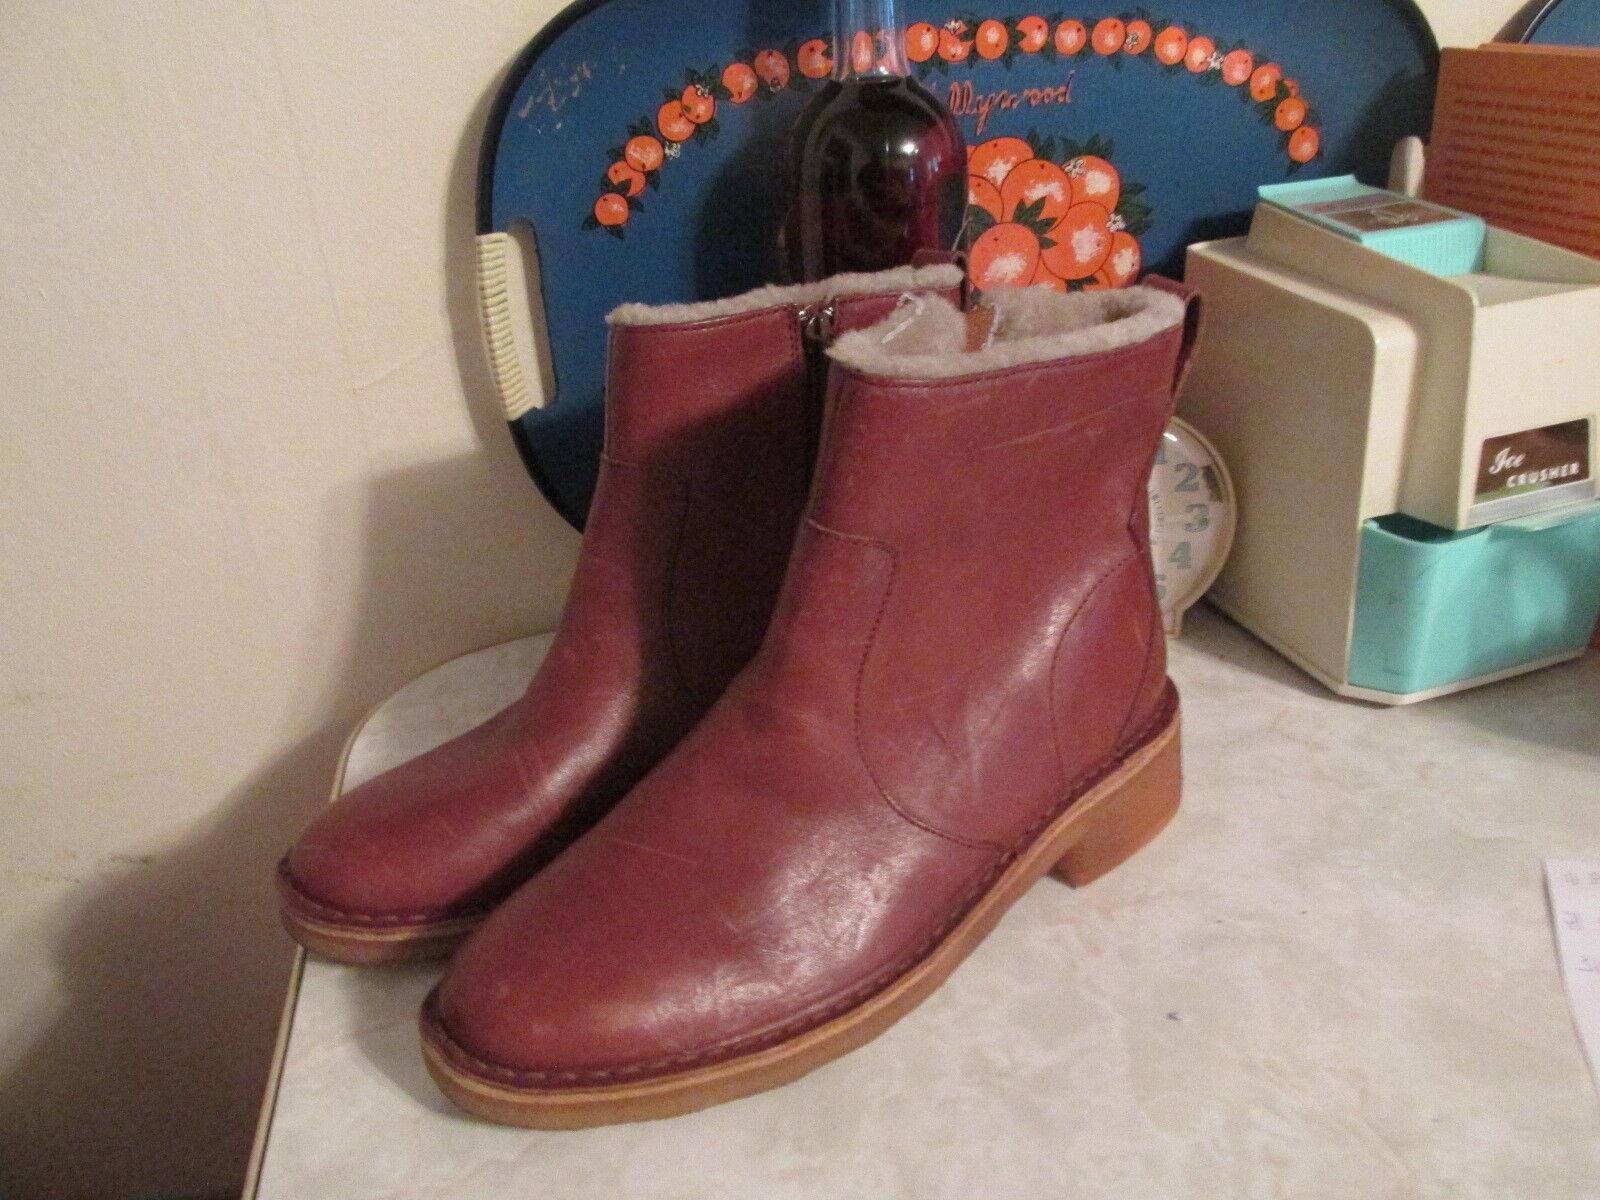 Clarks Maru puede Cognac Cuero Crepe Suela Suela Suela Revestidas botas Para mujeres EE. UU. 9  grandes ofertas